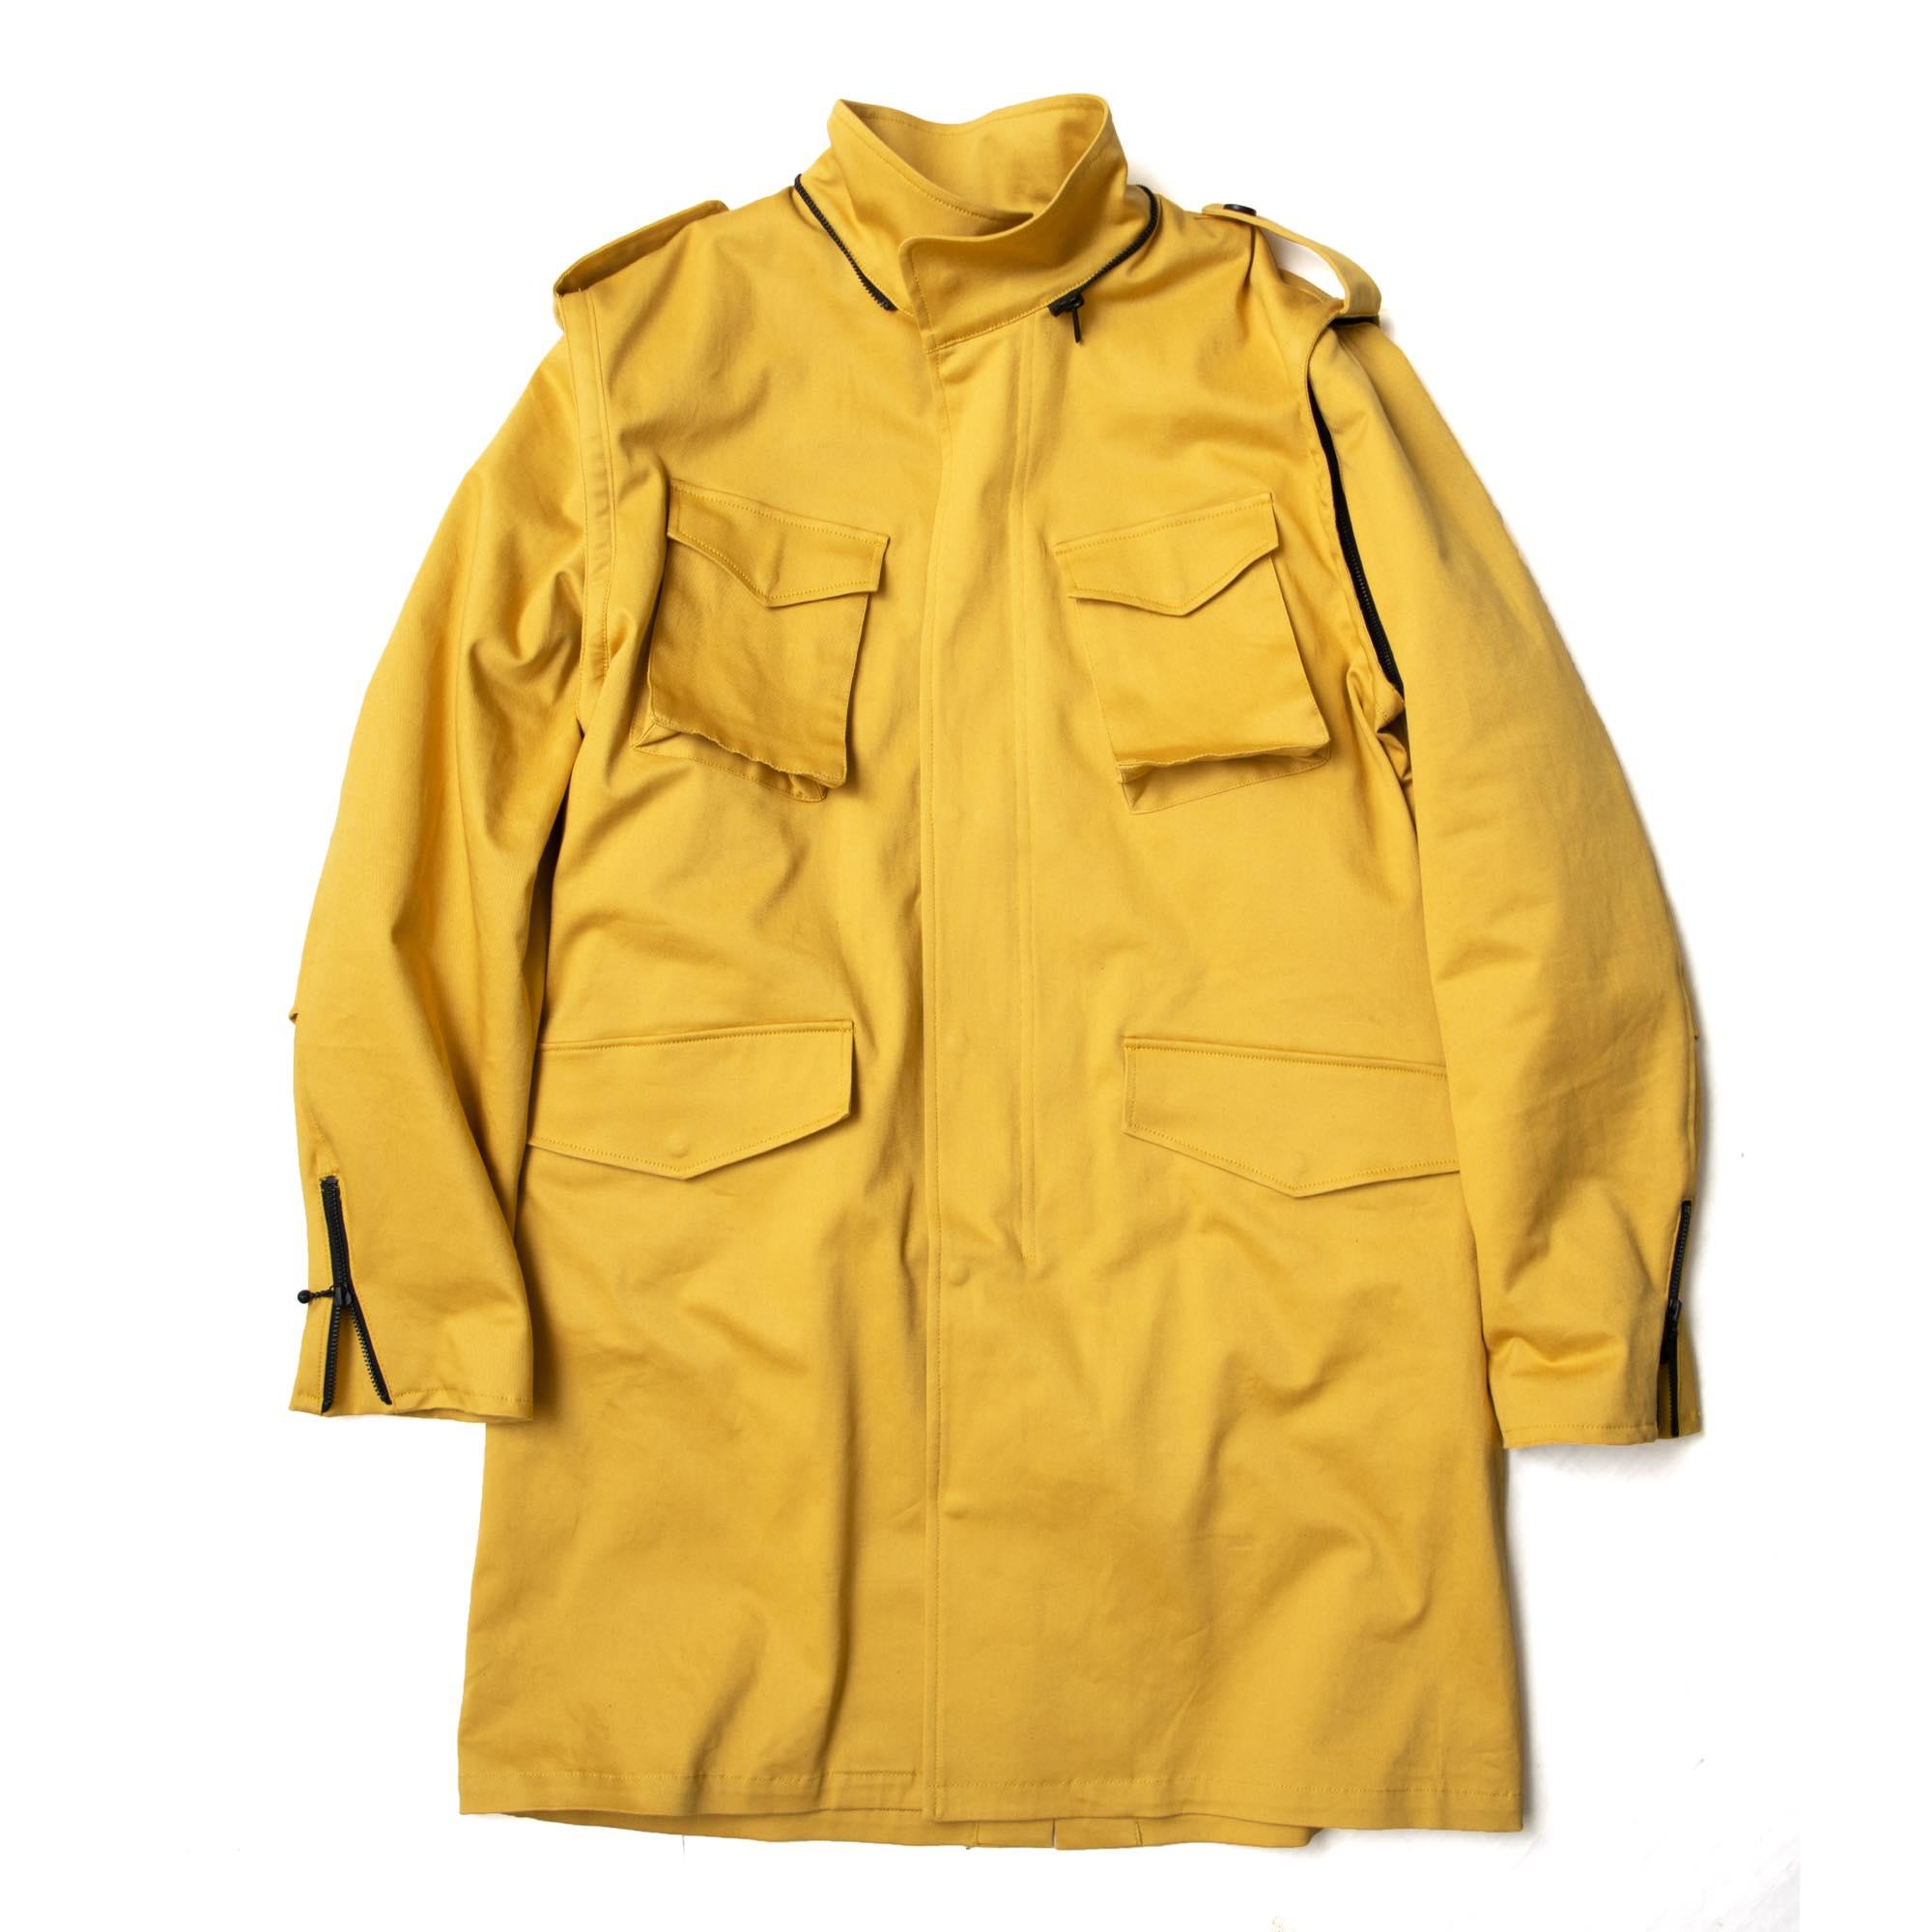 coat_yel_002